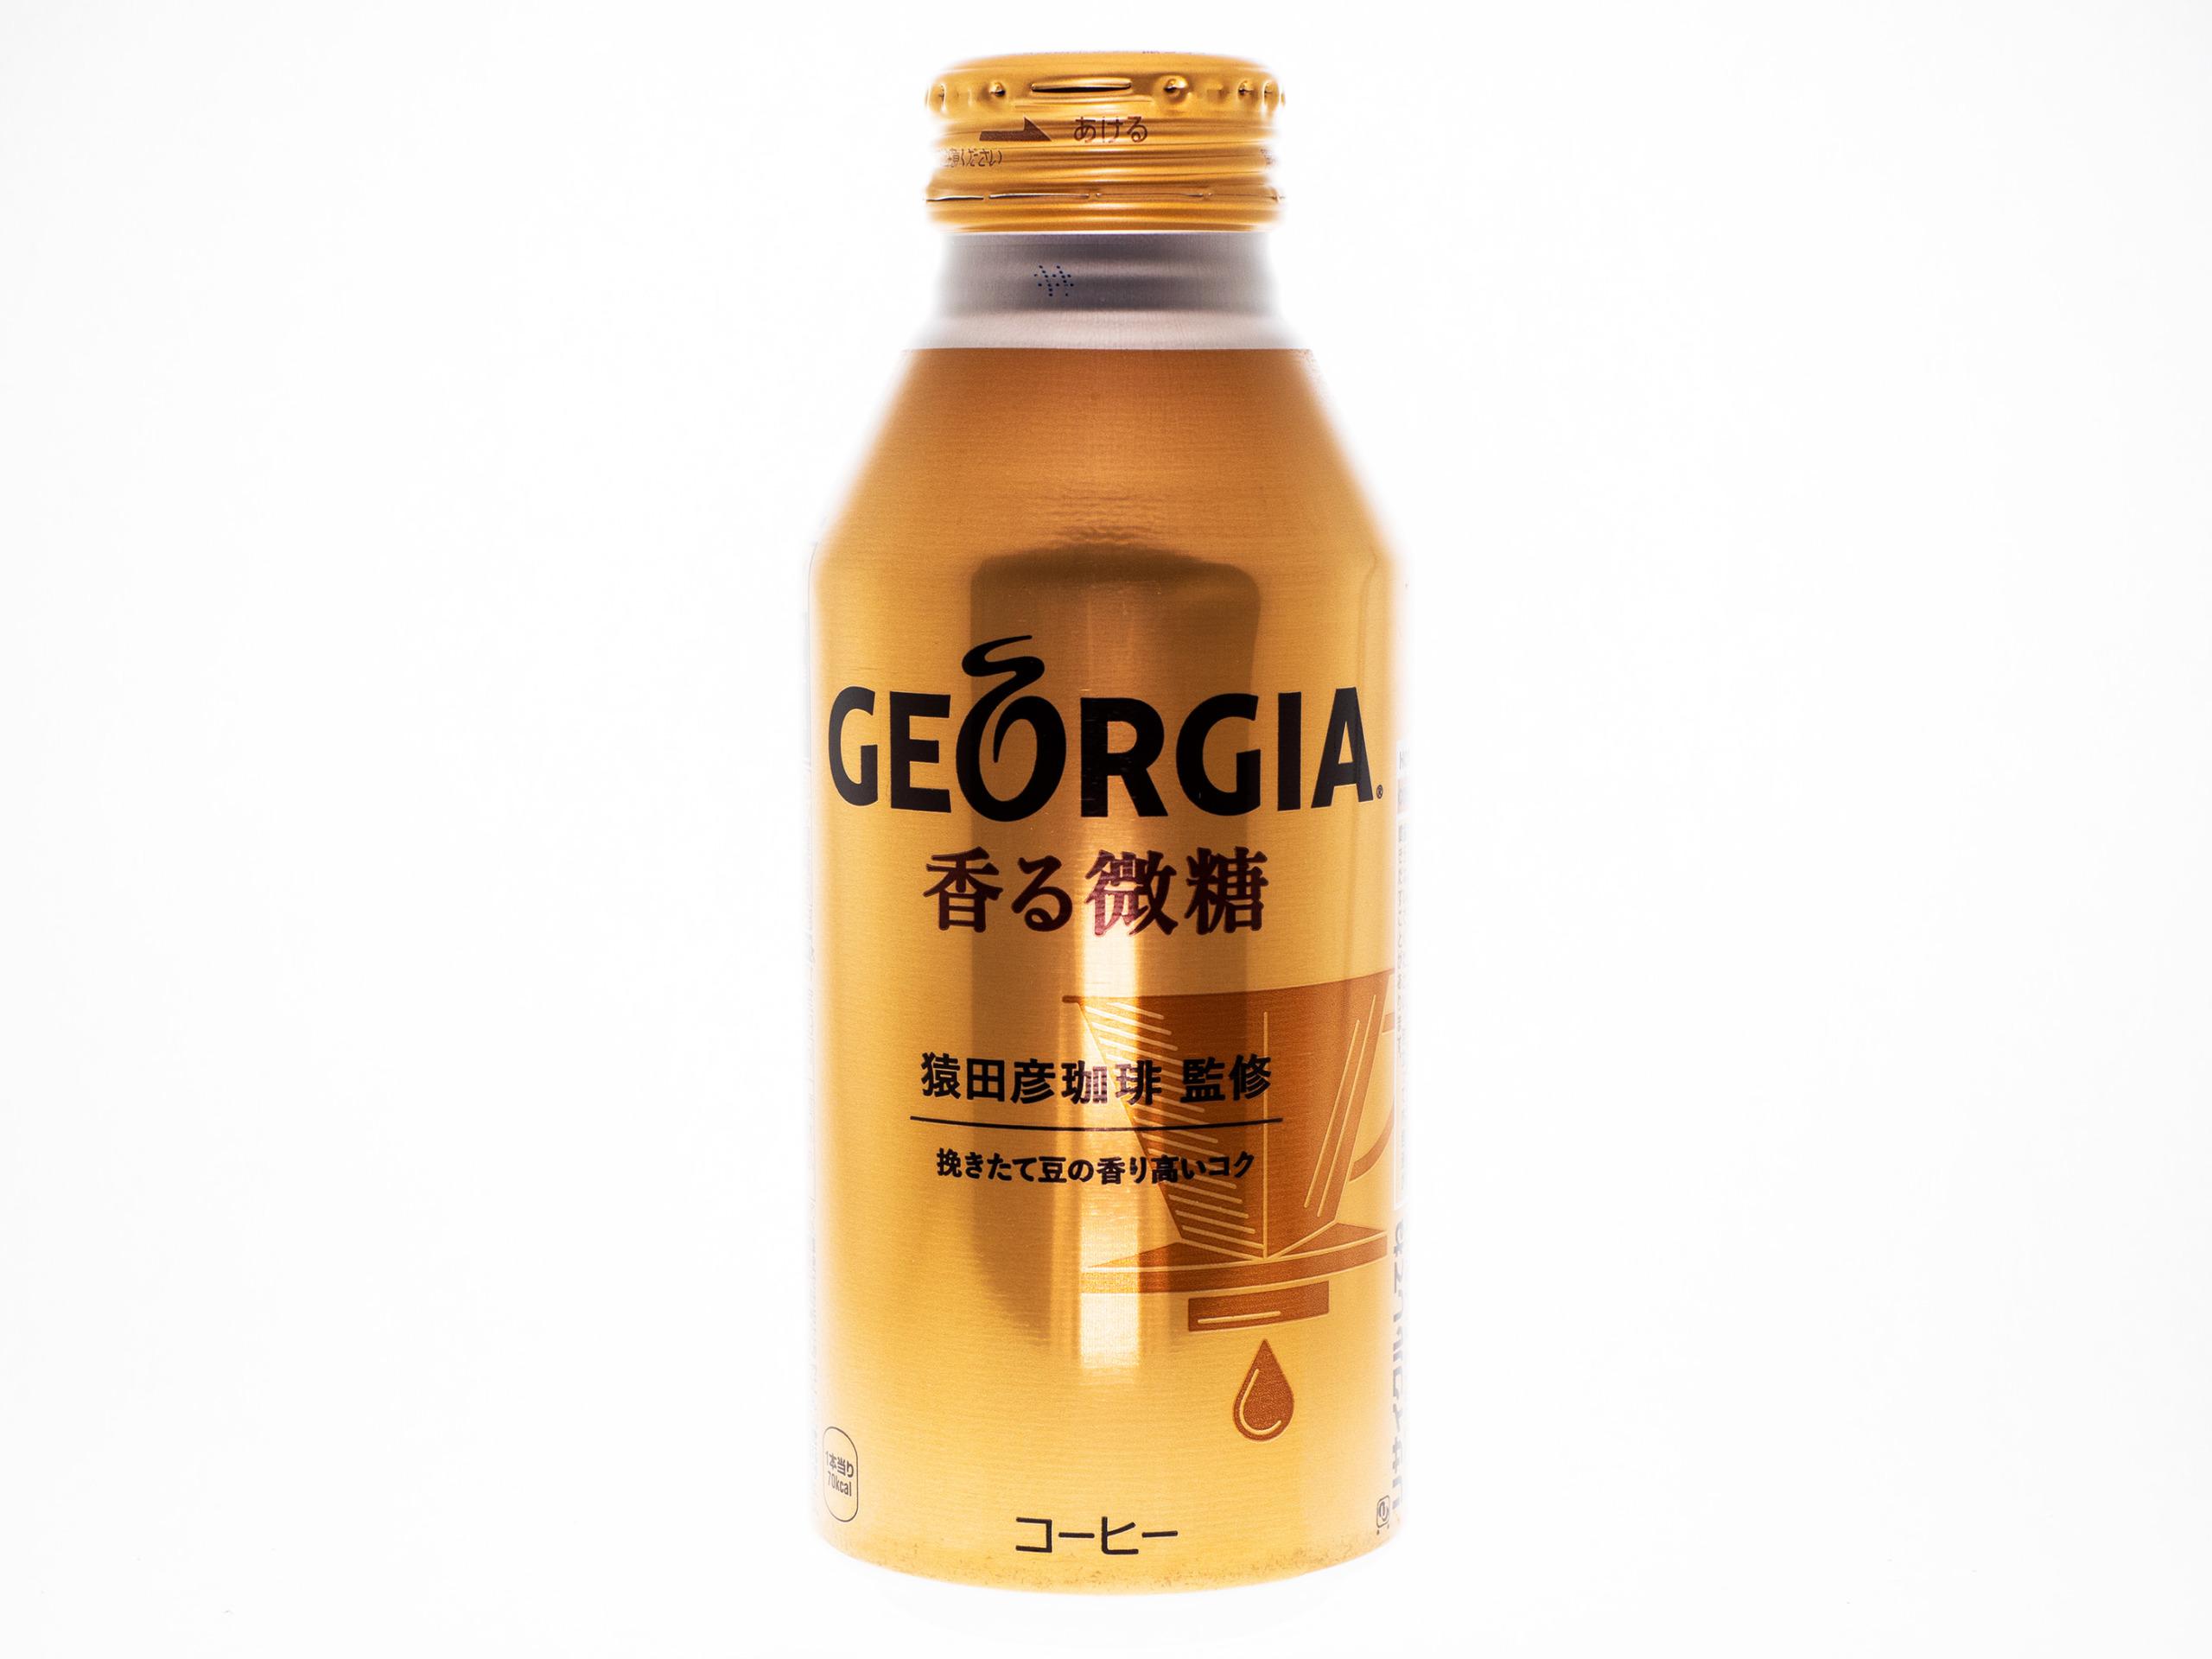 コカ・コーラカスタマーマーケティング GEORGIA 香る微糖 370mlボトル缶